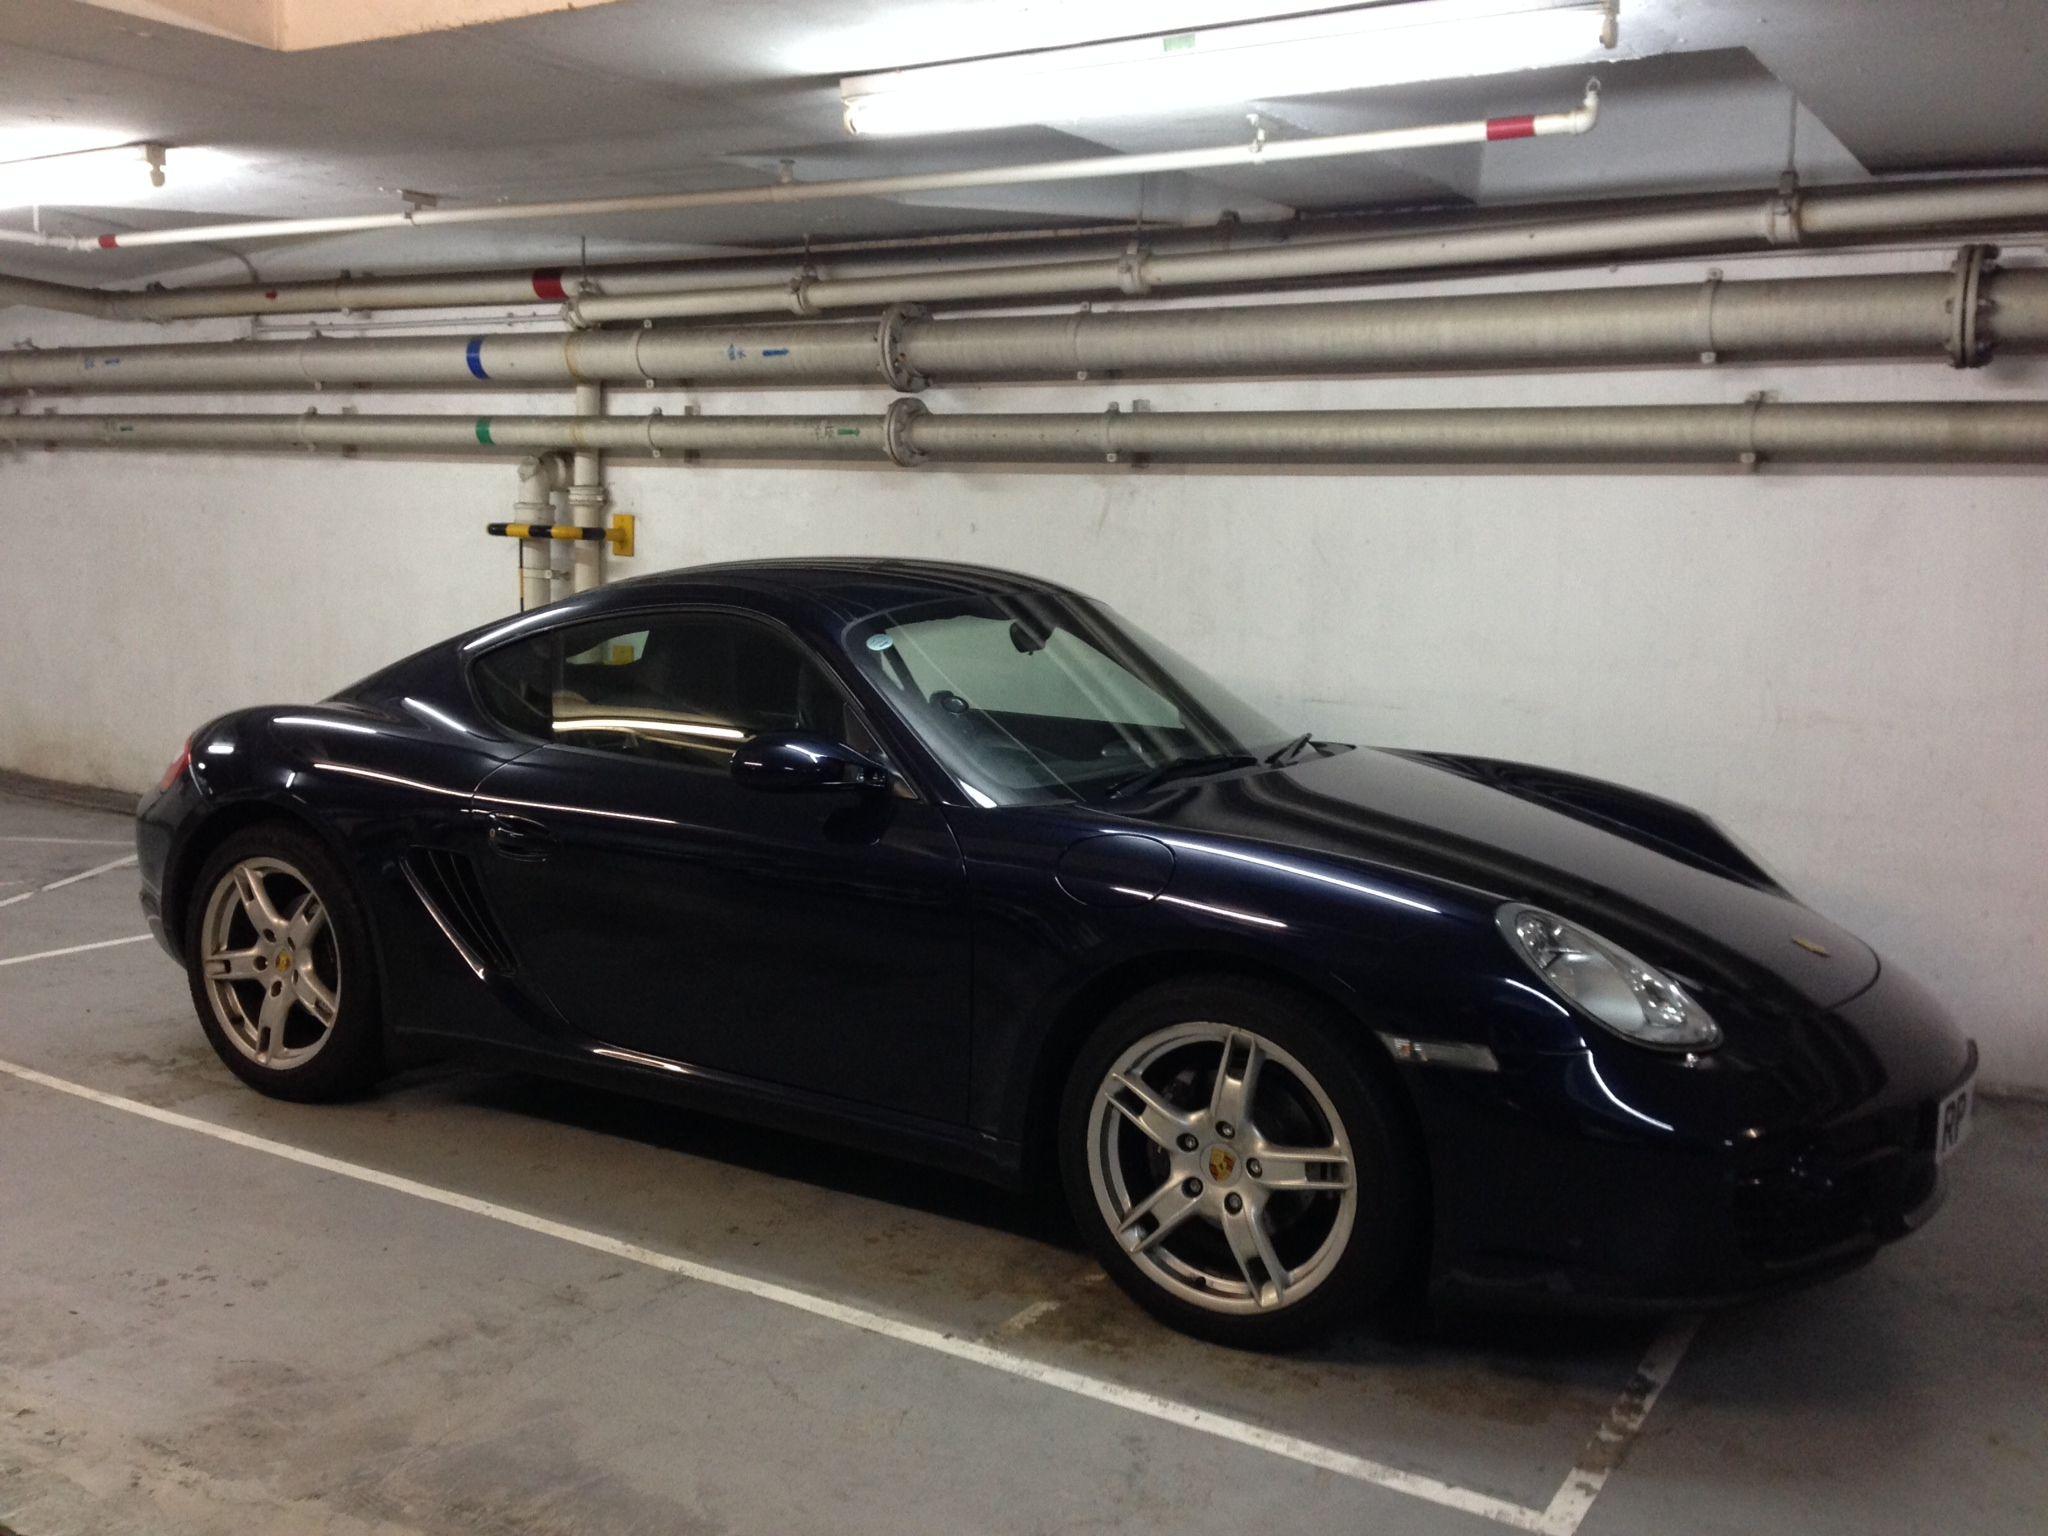 Porsche Cayman 987 2 7 2007 Night Blue